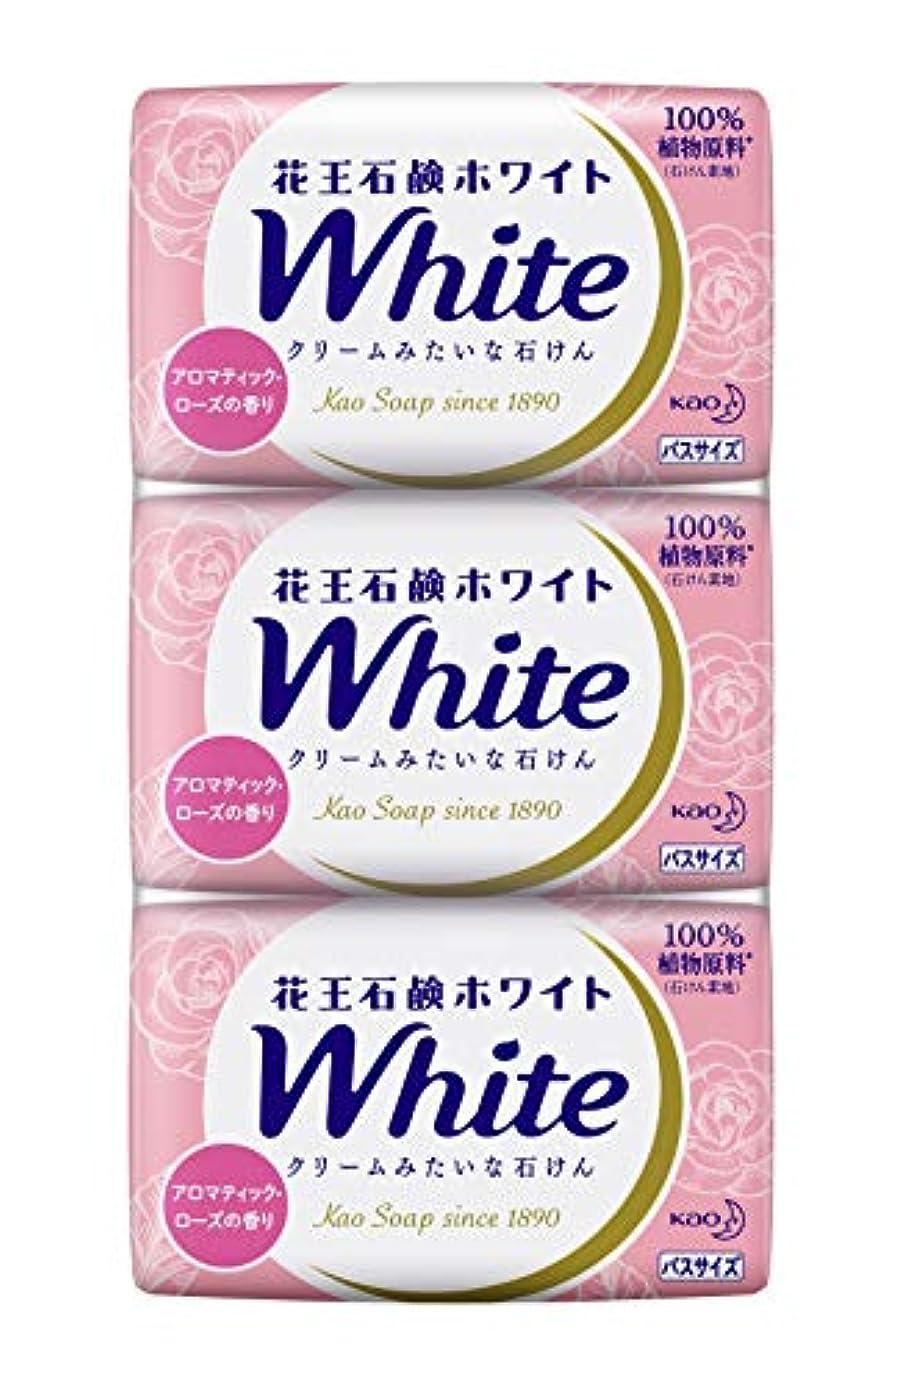 とげ慣性散歩に行く花王ホワイト アロマティックローズの香り バスサイズ 3コパック